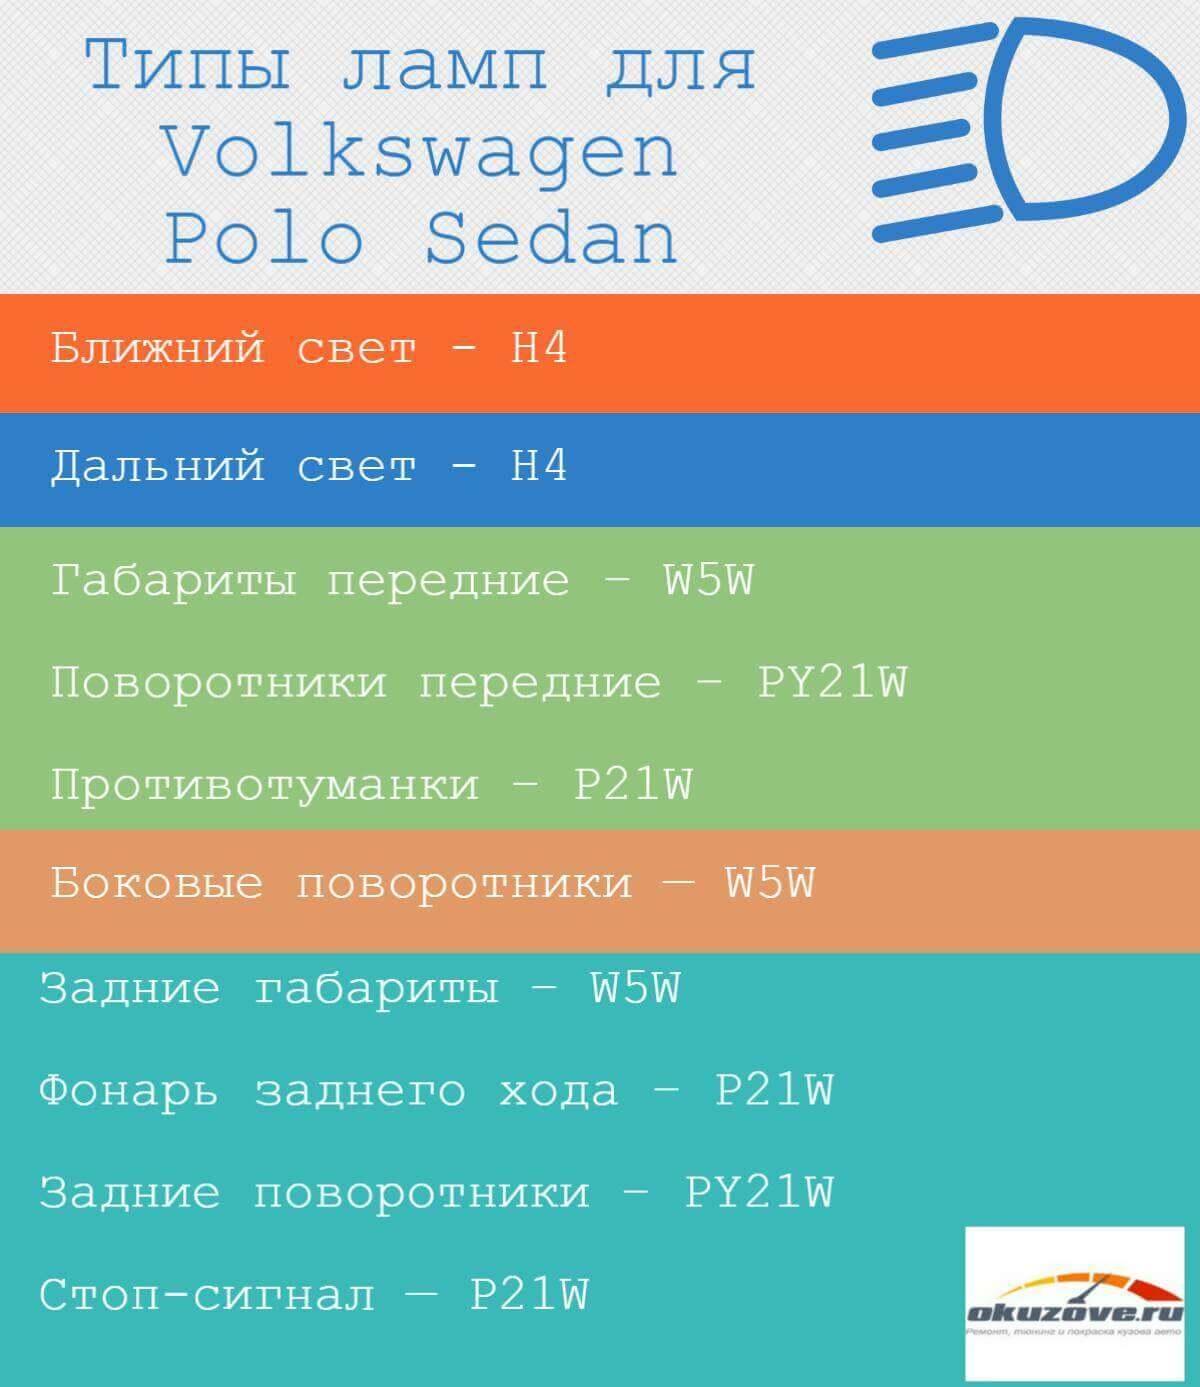 лампочка ближнего света на volkswagen polo seda